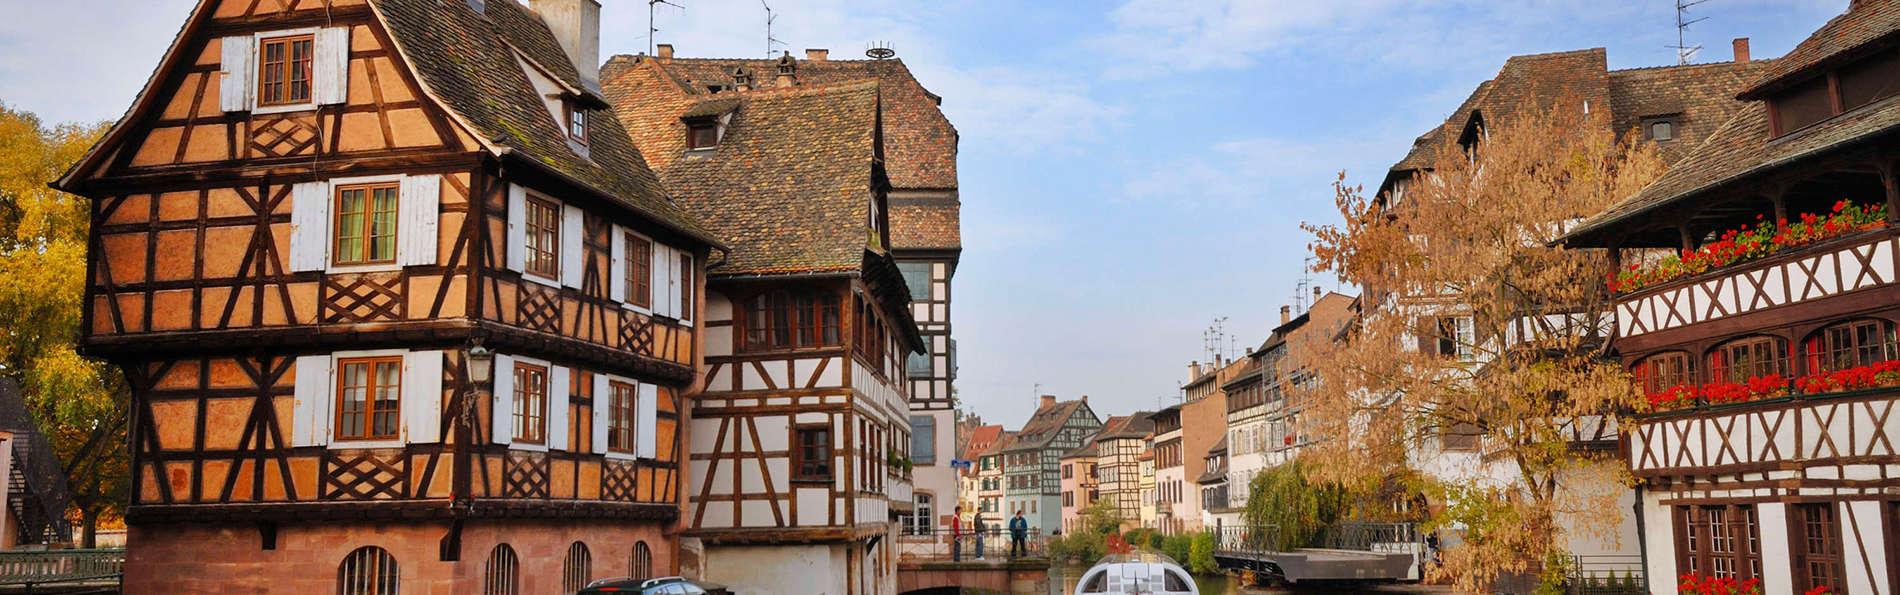 Séjour gourmand à Strasbourg